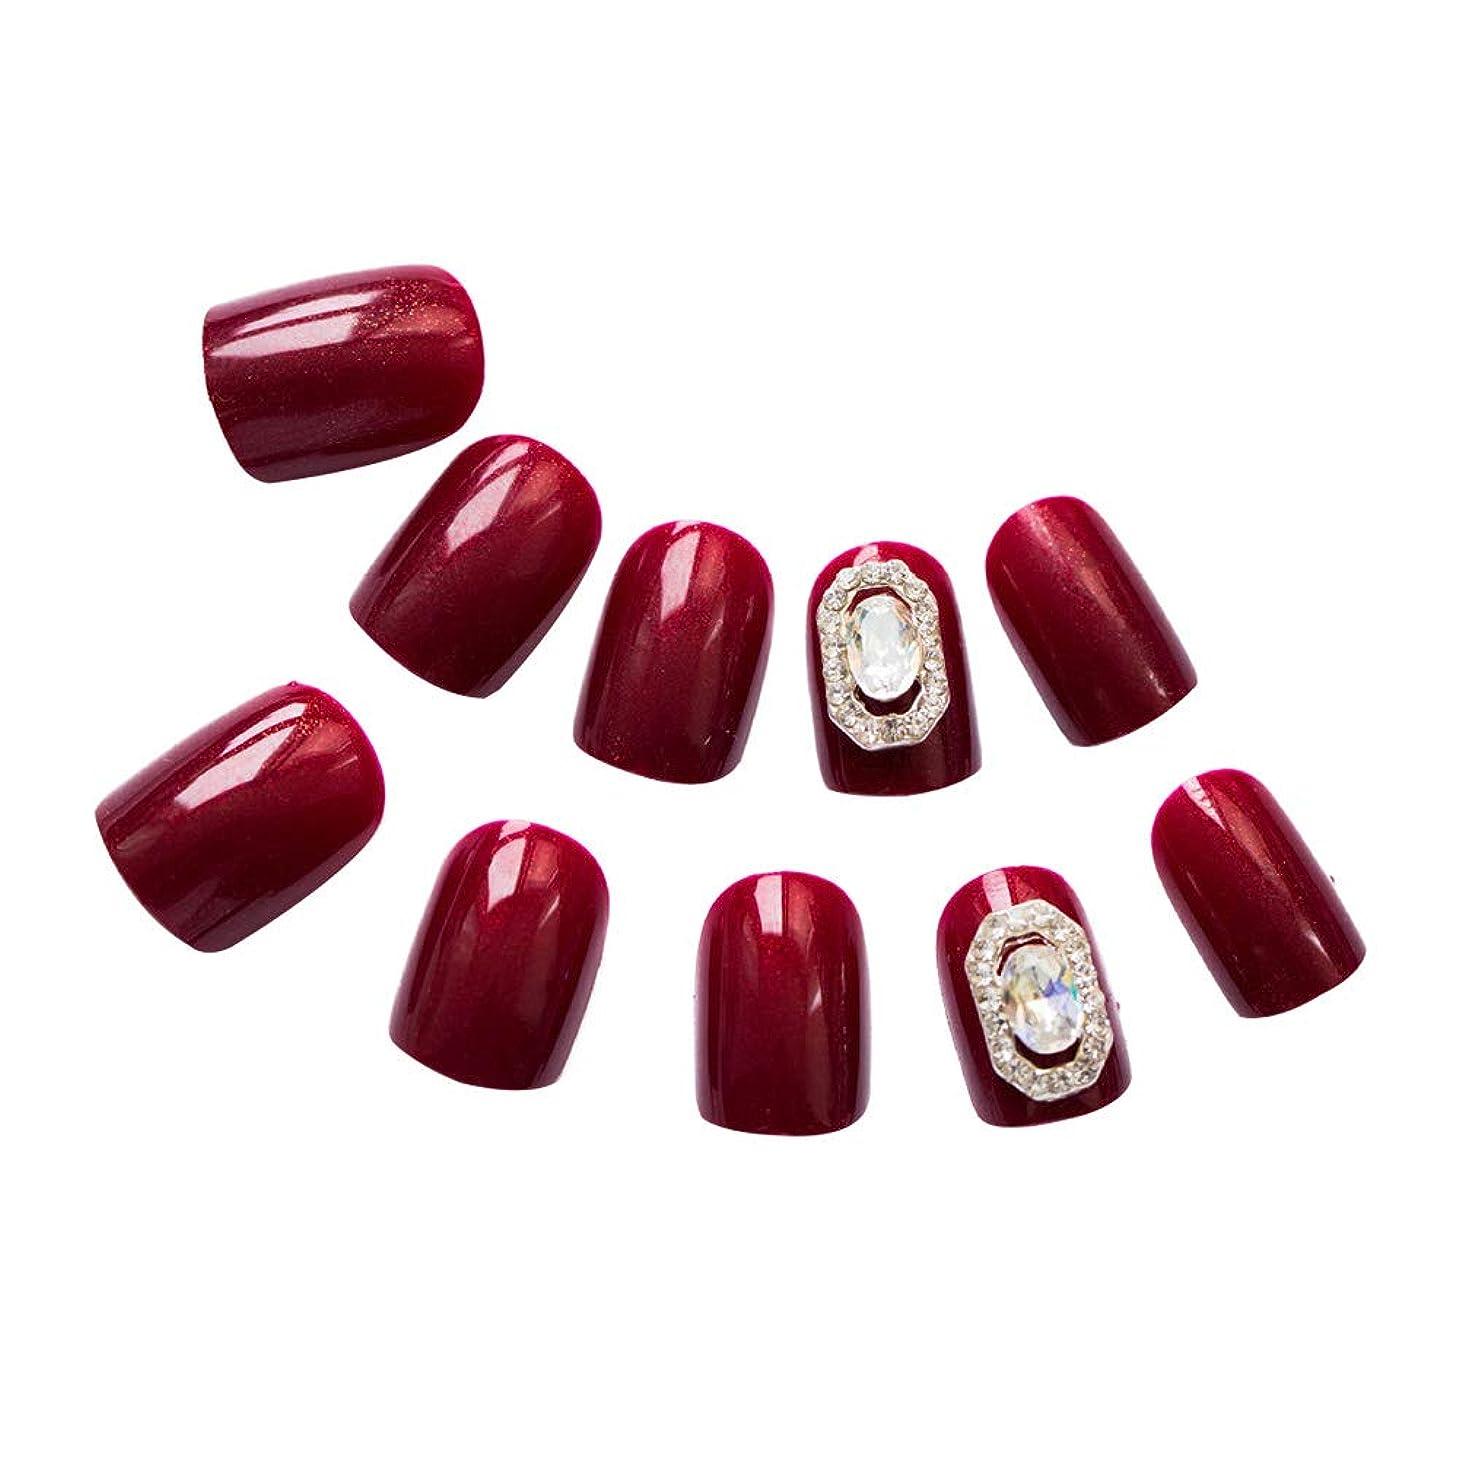 インストラクター嫌がる傾向があるFrcolor ネイルシール ネイルステッカー 赤い ダイヤモンド DIYネイルアプリーク 24枚セット